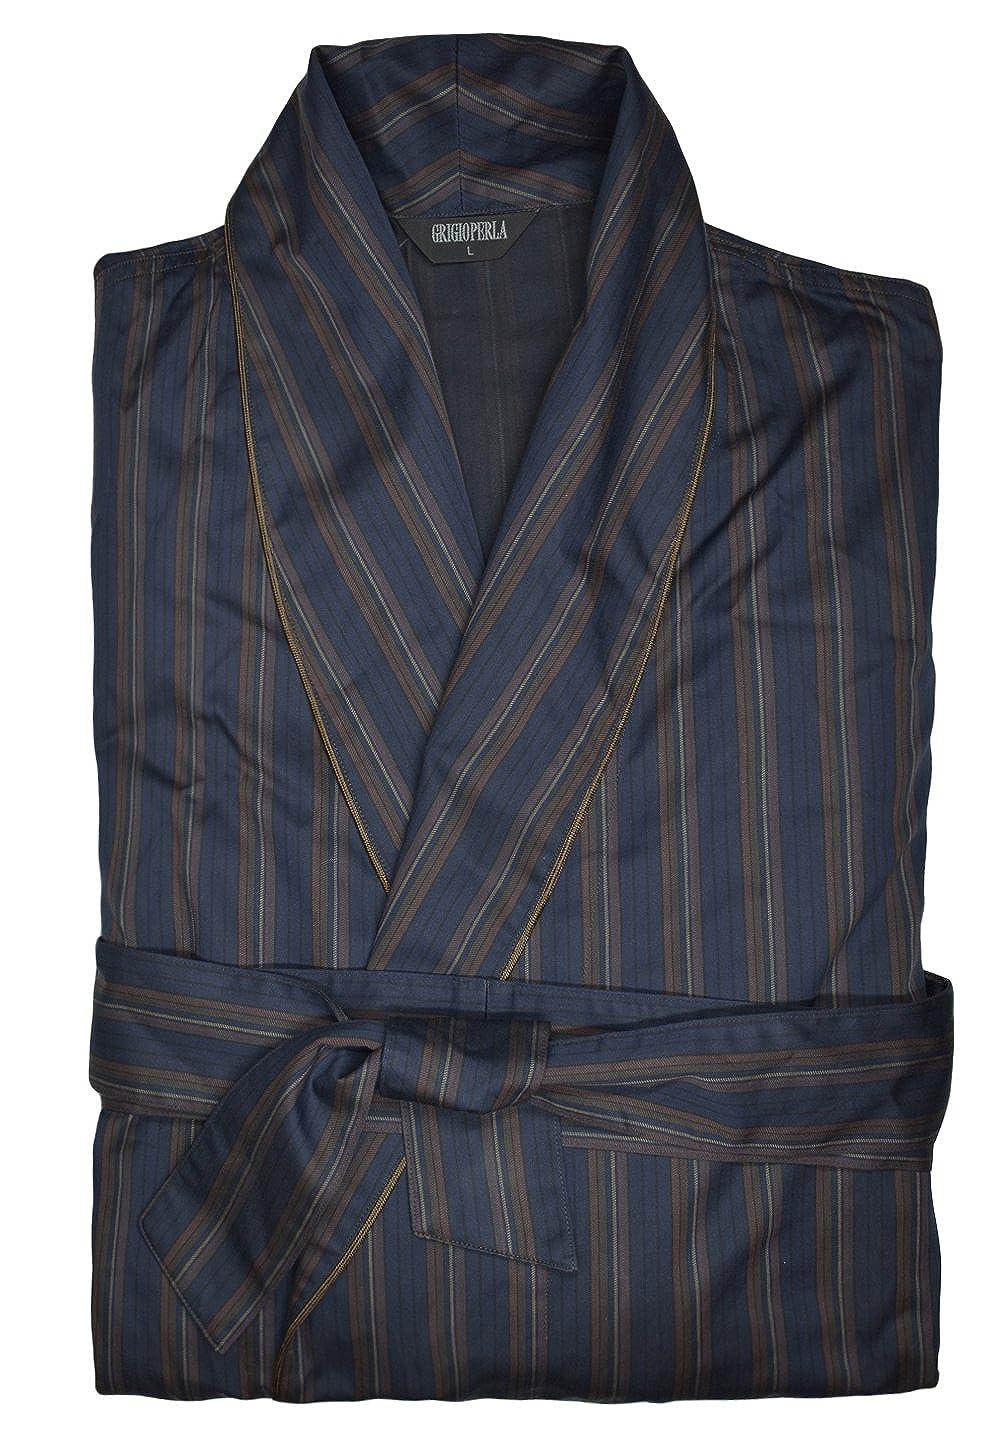 Grigio Perla Brown Striped Cotton Robe